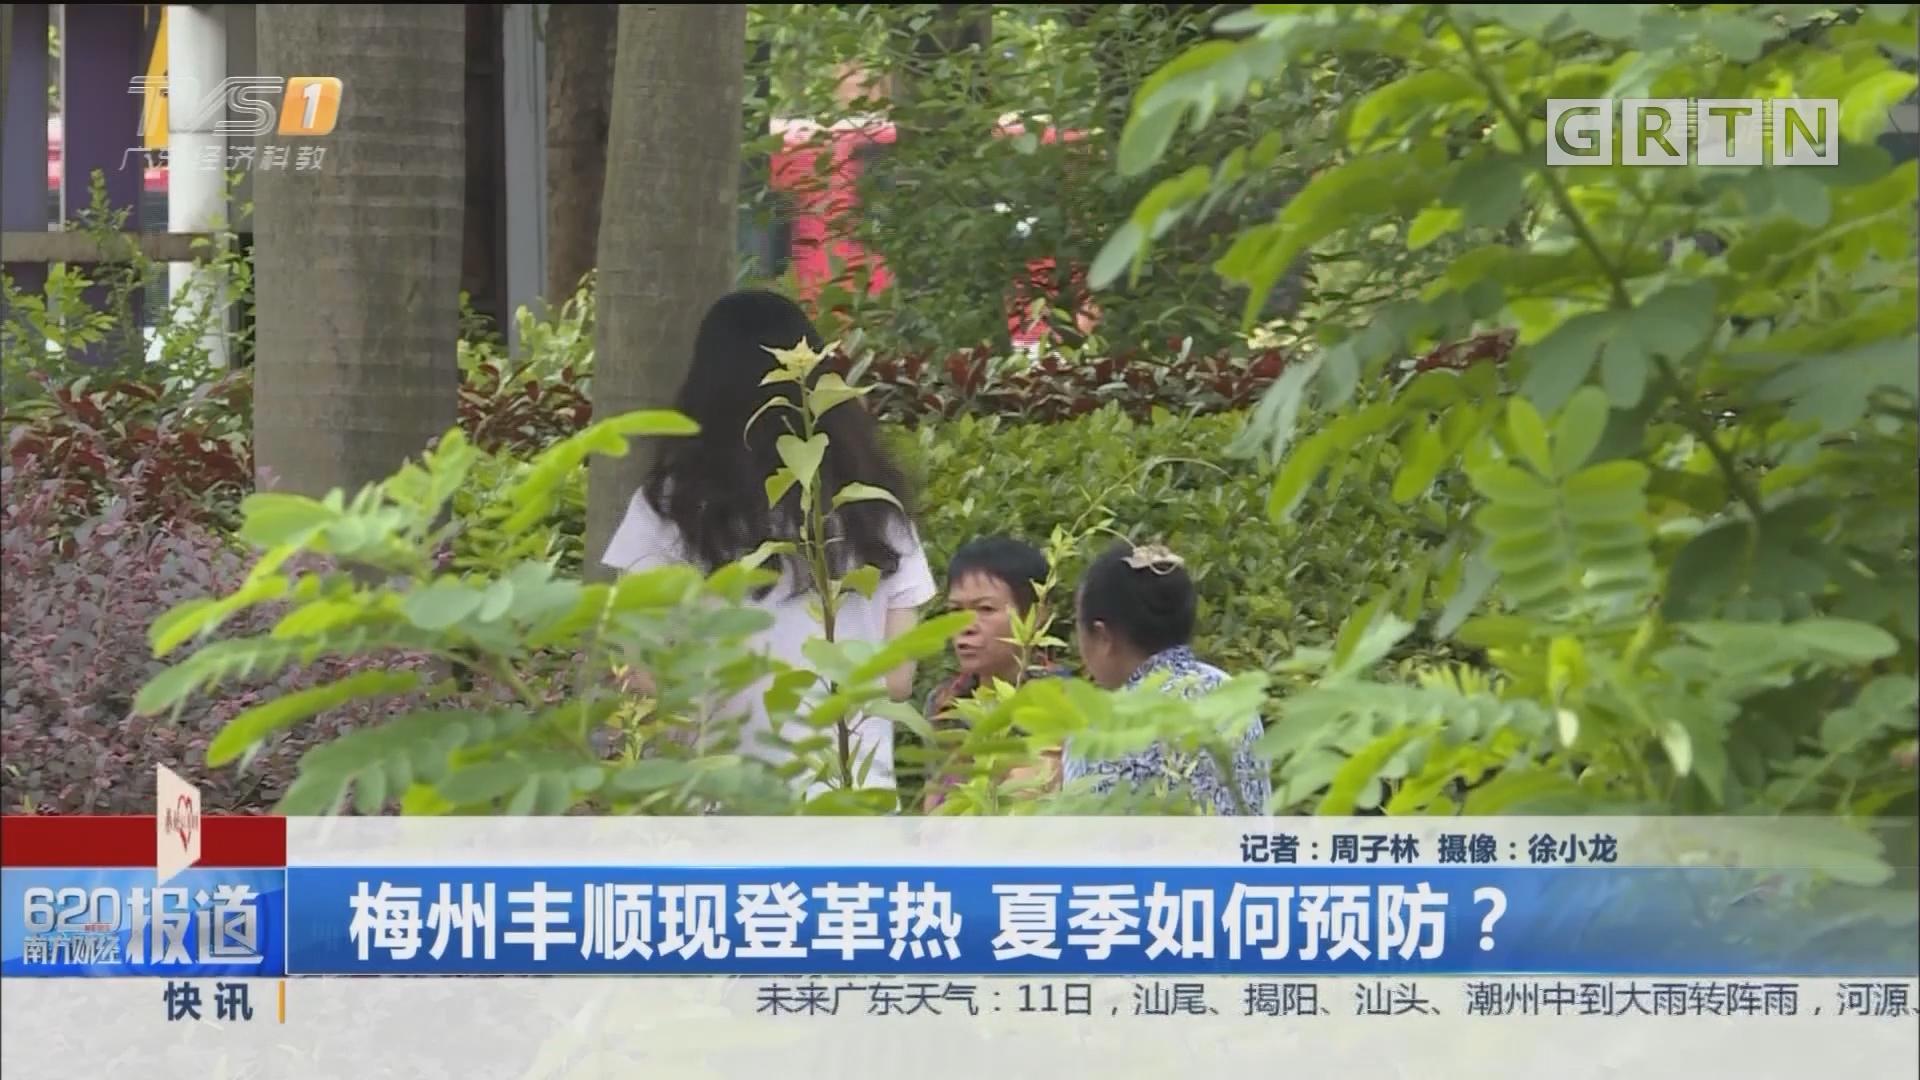 梅州丰顺现登革热 夏季如何预防?